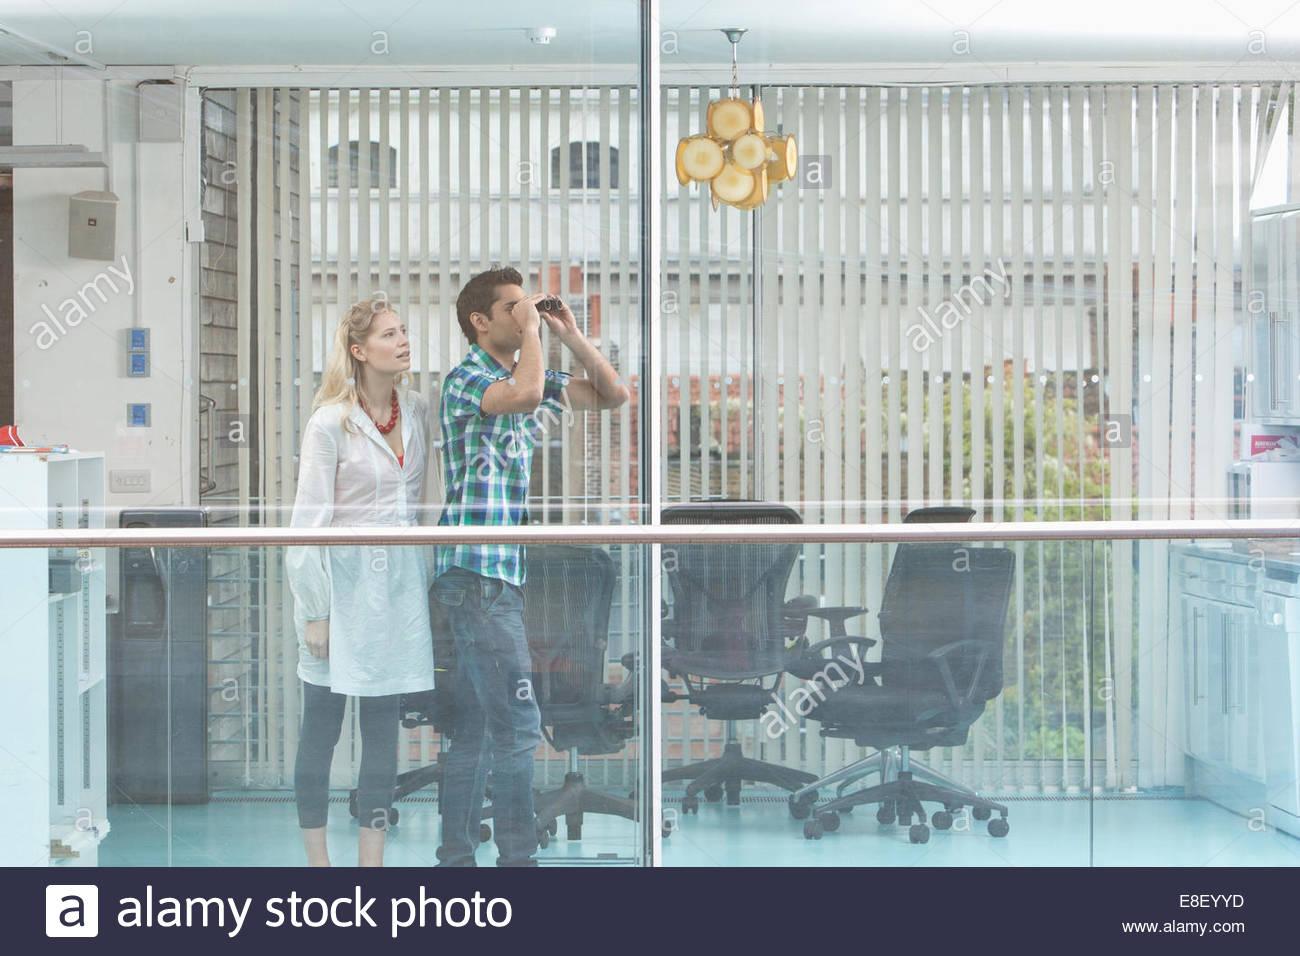 Uomo sorridente e la donna a guardare fuori dalla finestra Immagini Stock